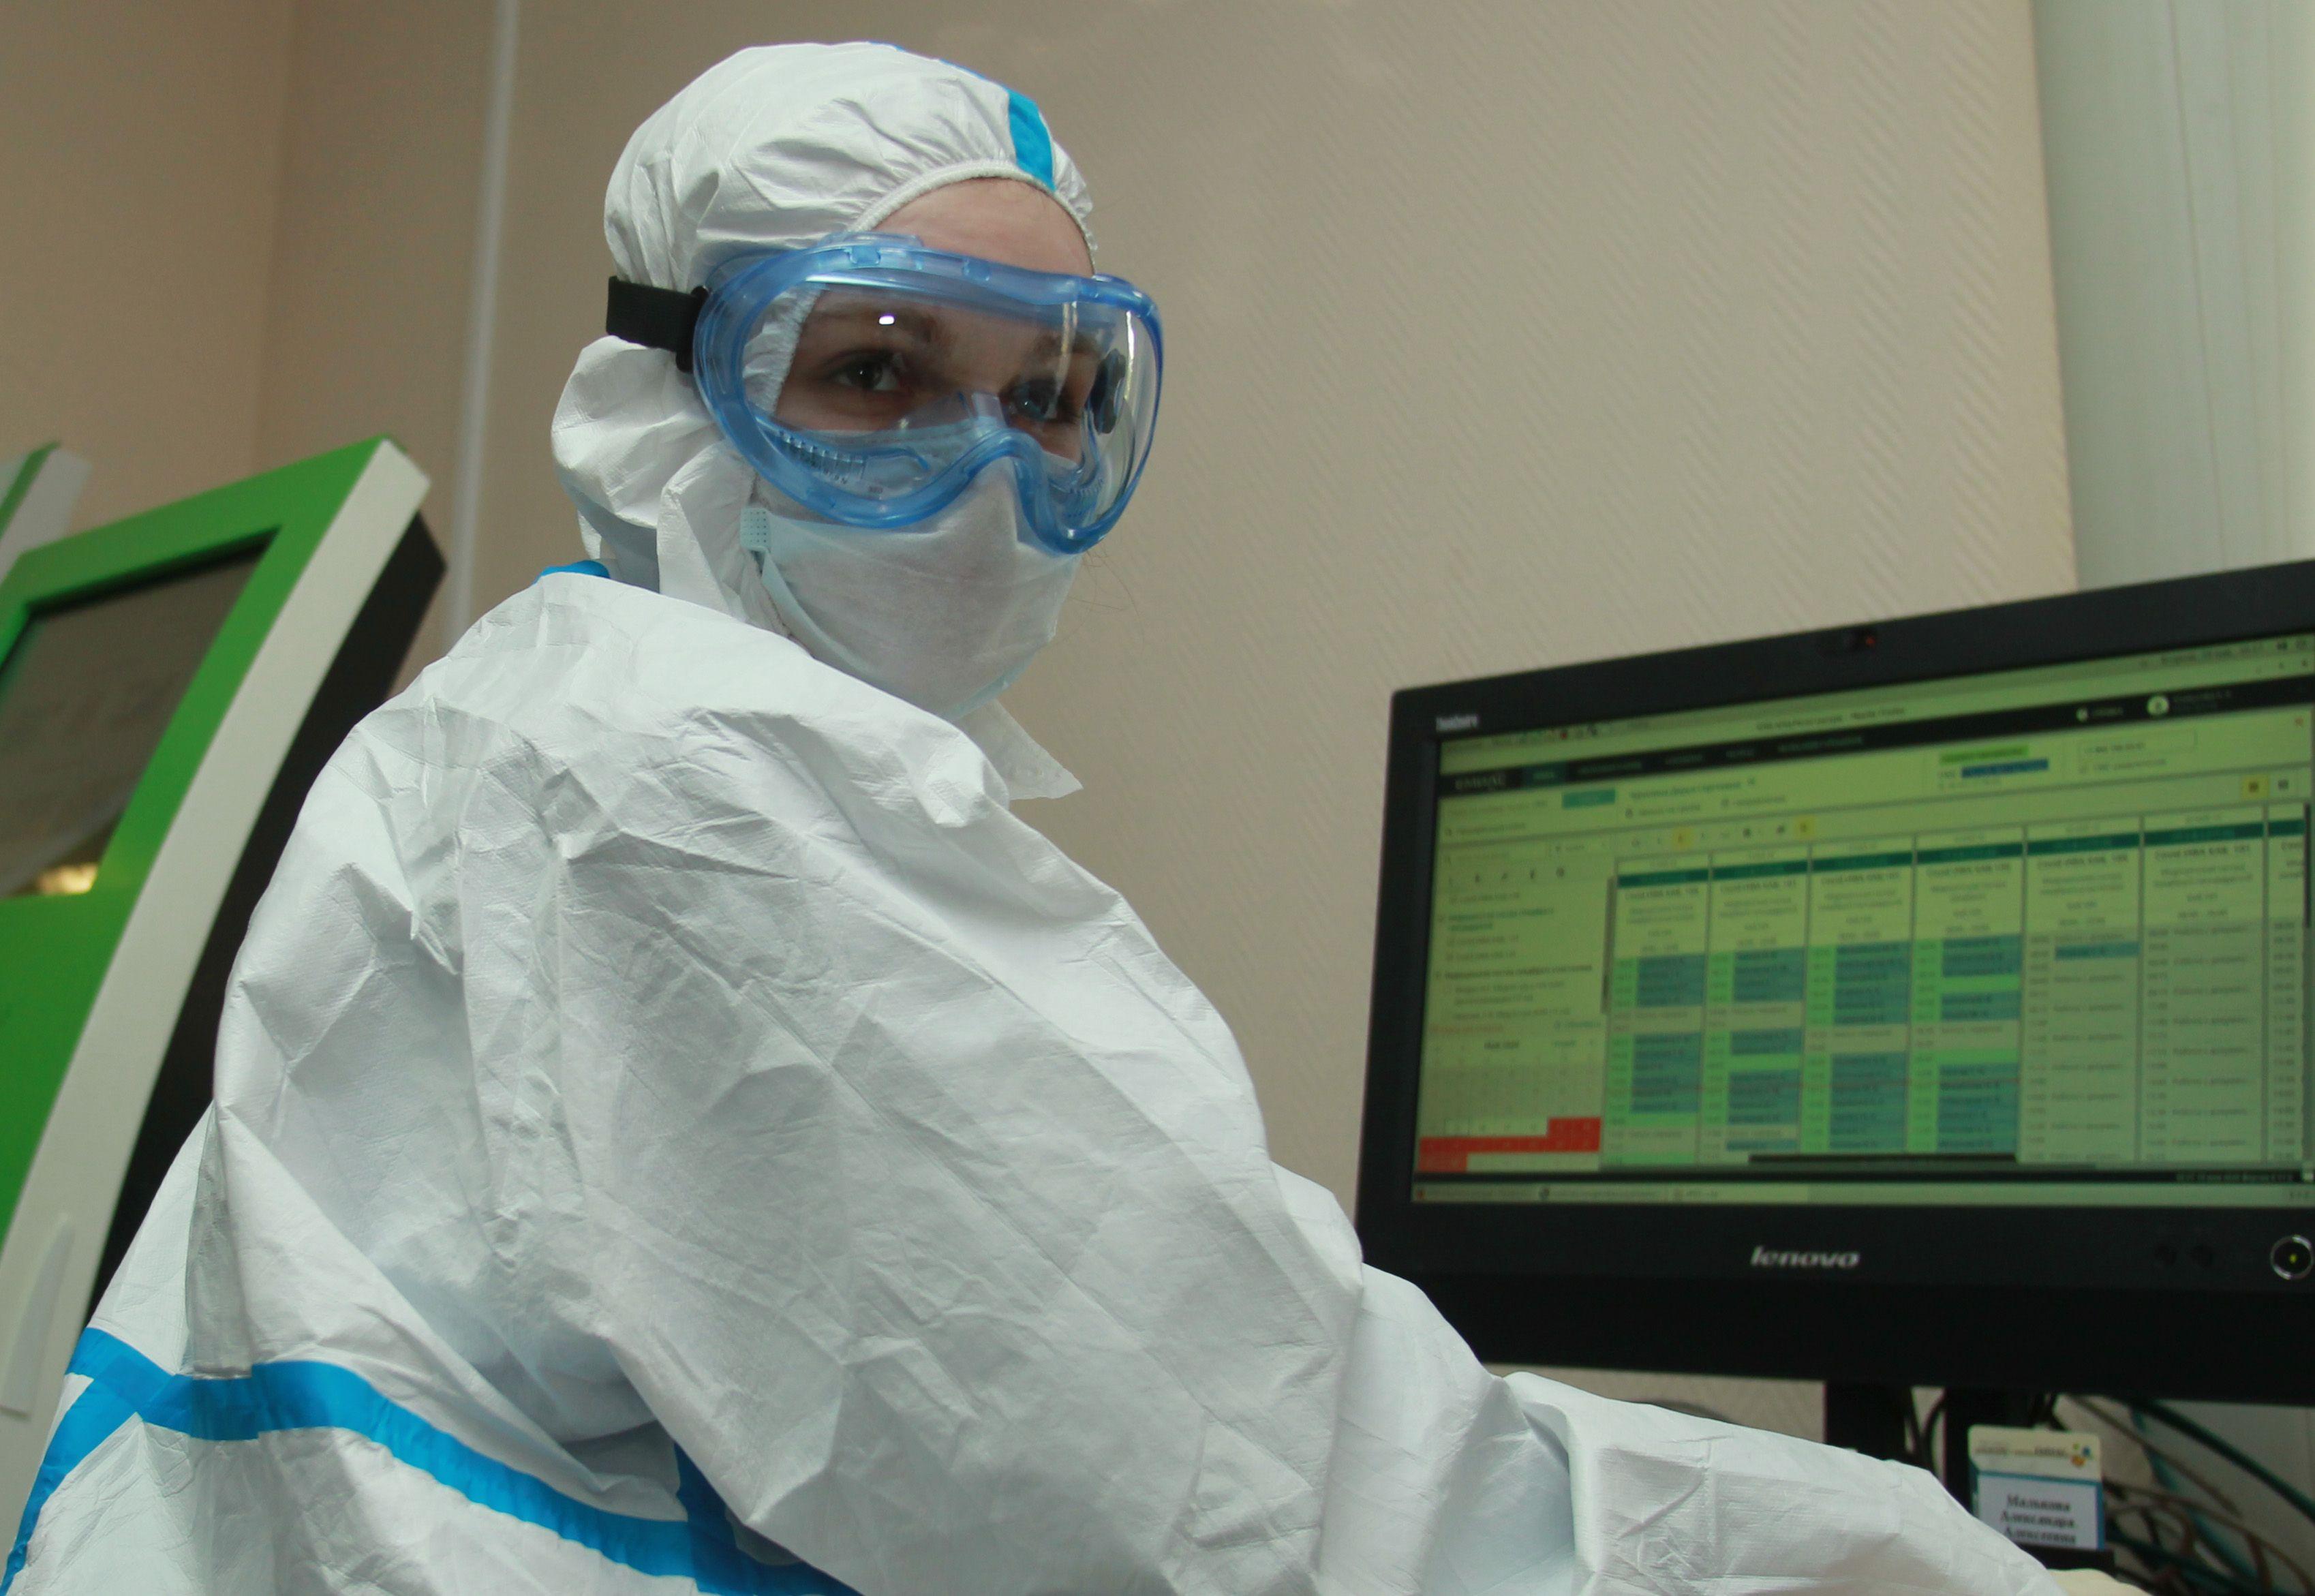 Москва спасла 65 тысяч тяжелых больных за время пандемии